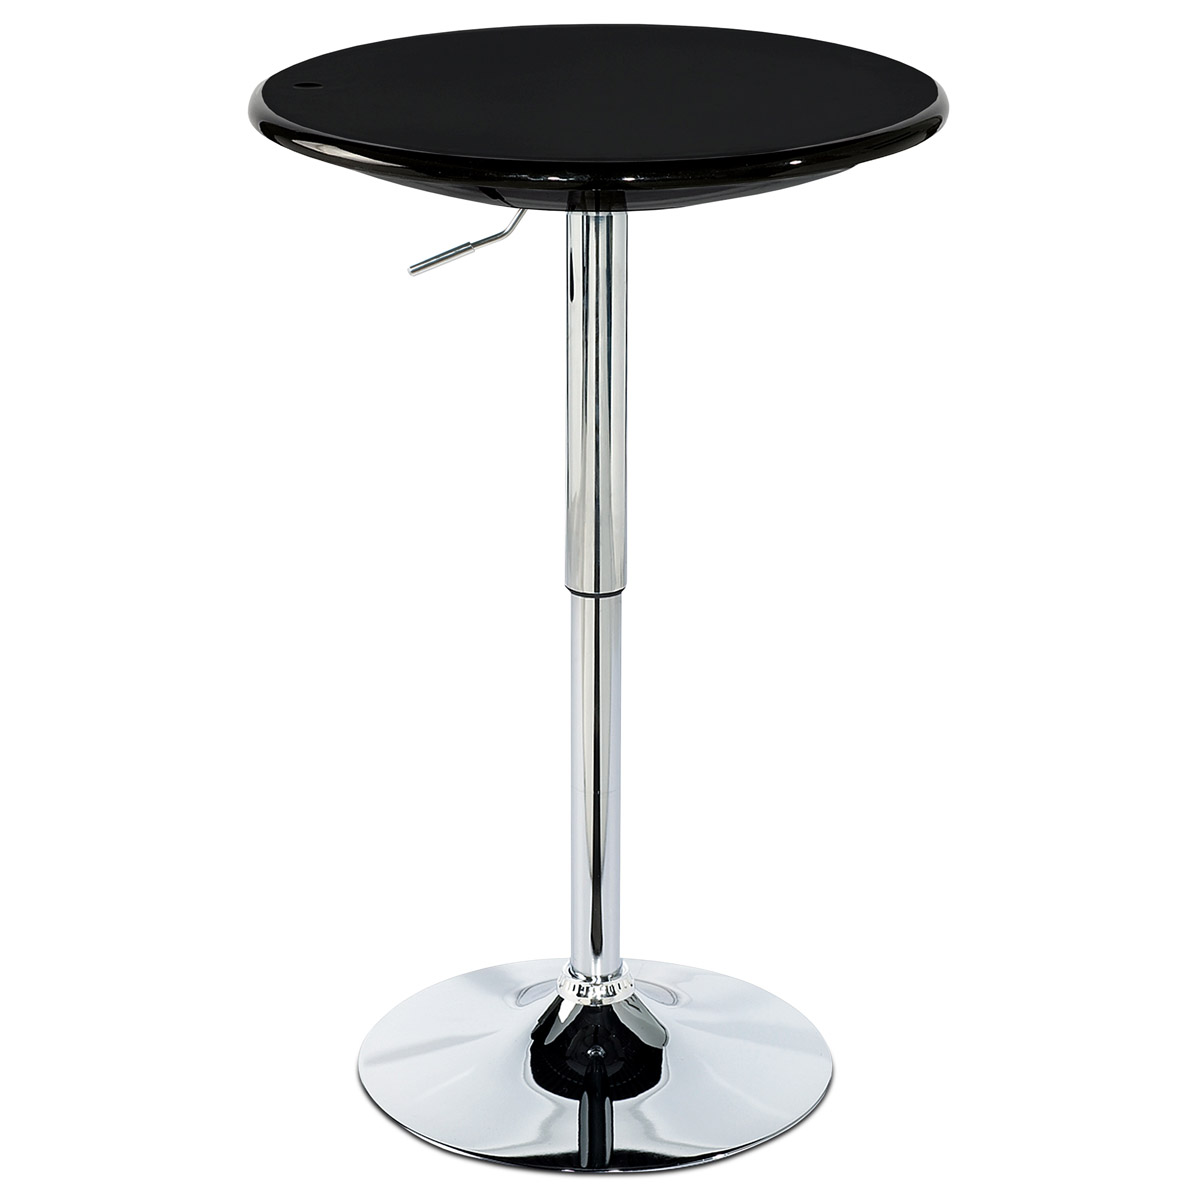 Autronic - Barový stůl, černý plast, chromová výškově nastavitelná podnož - AUB-4010 BK